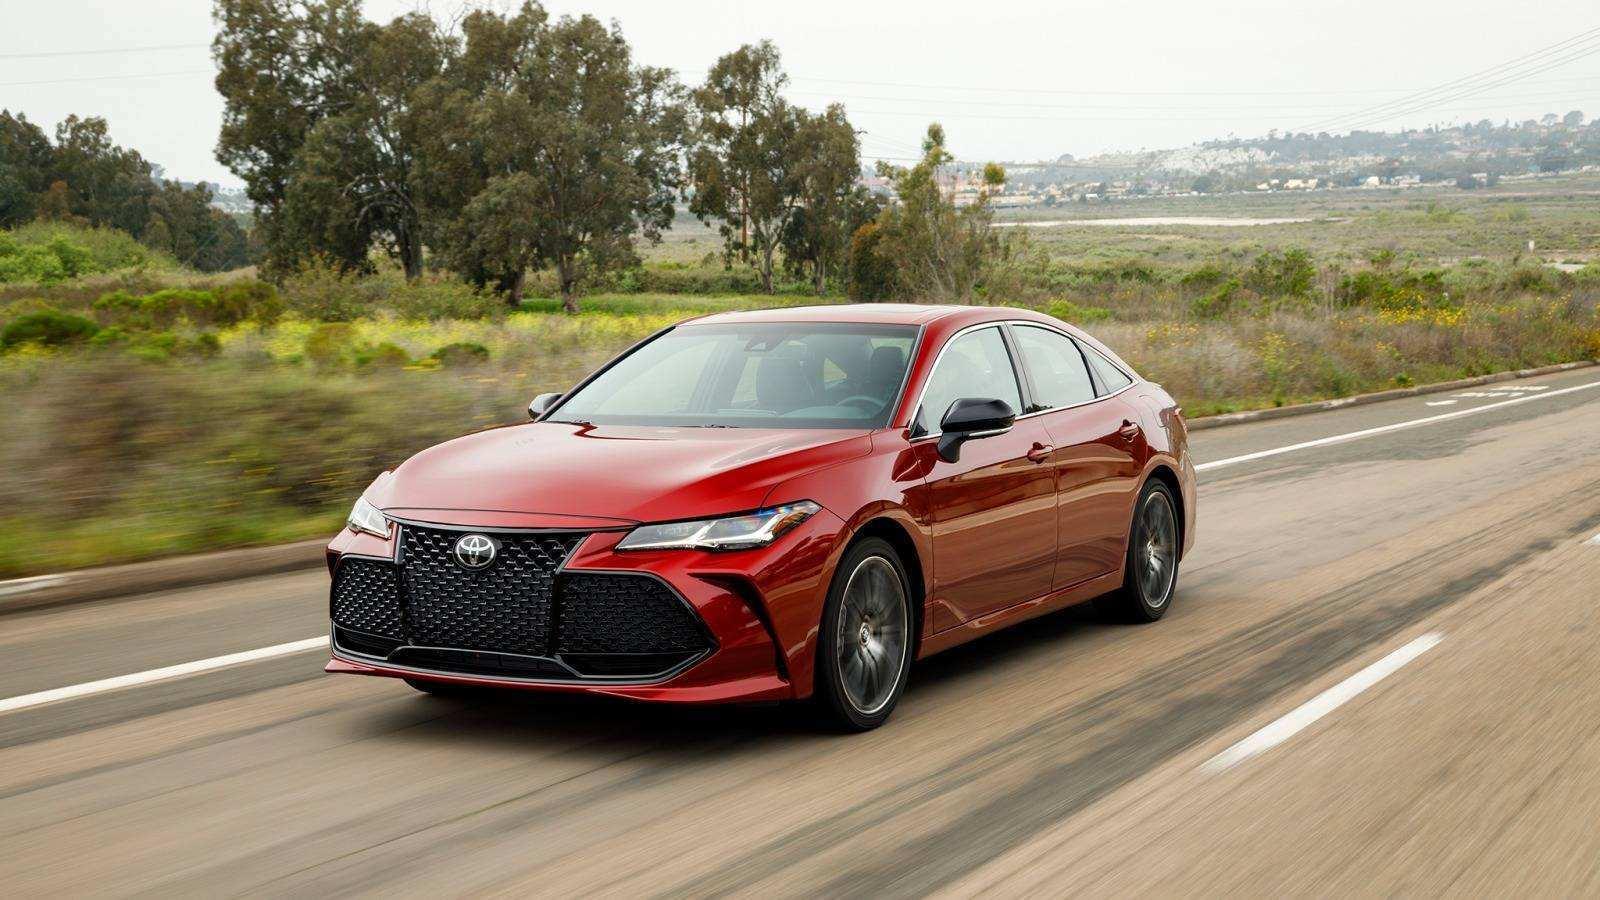 79 The Best Toyota Avalon Hybrid 2019 Price Spy Shoot by Best Toyota Avalon Hybrid 2019 Price